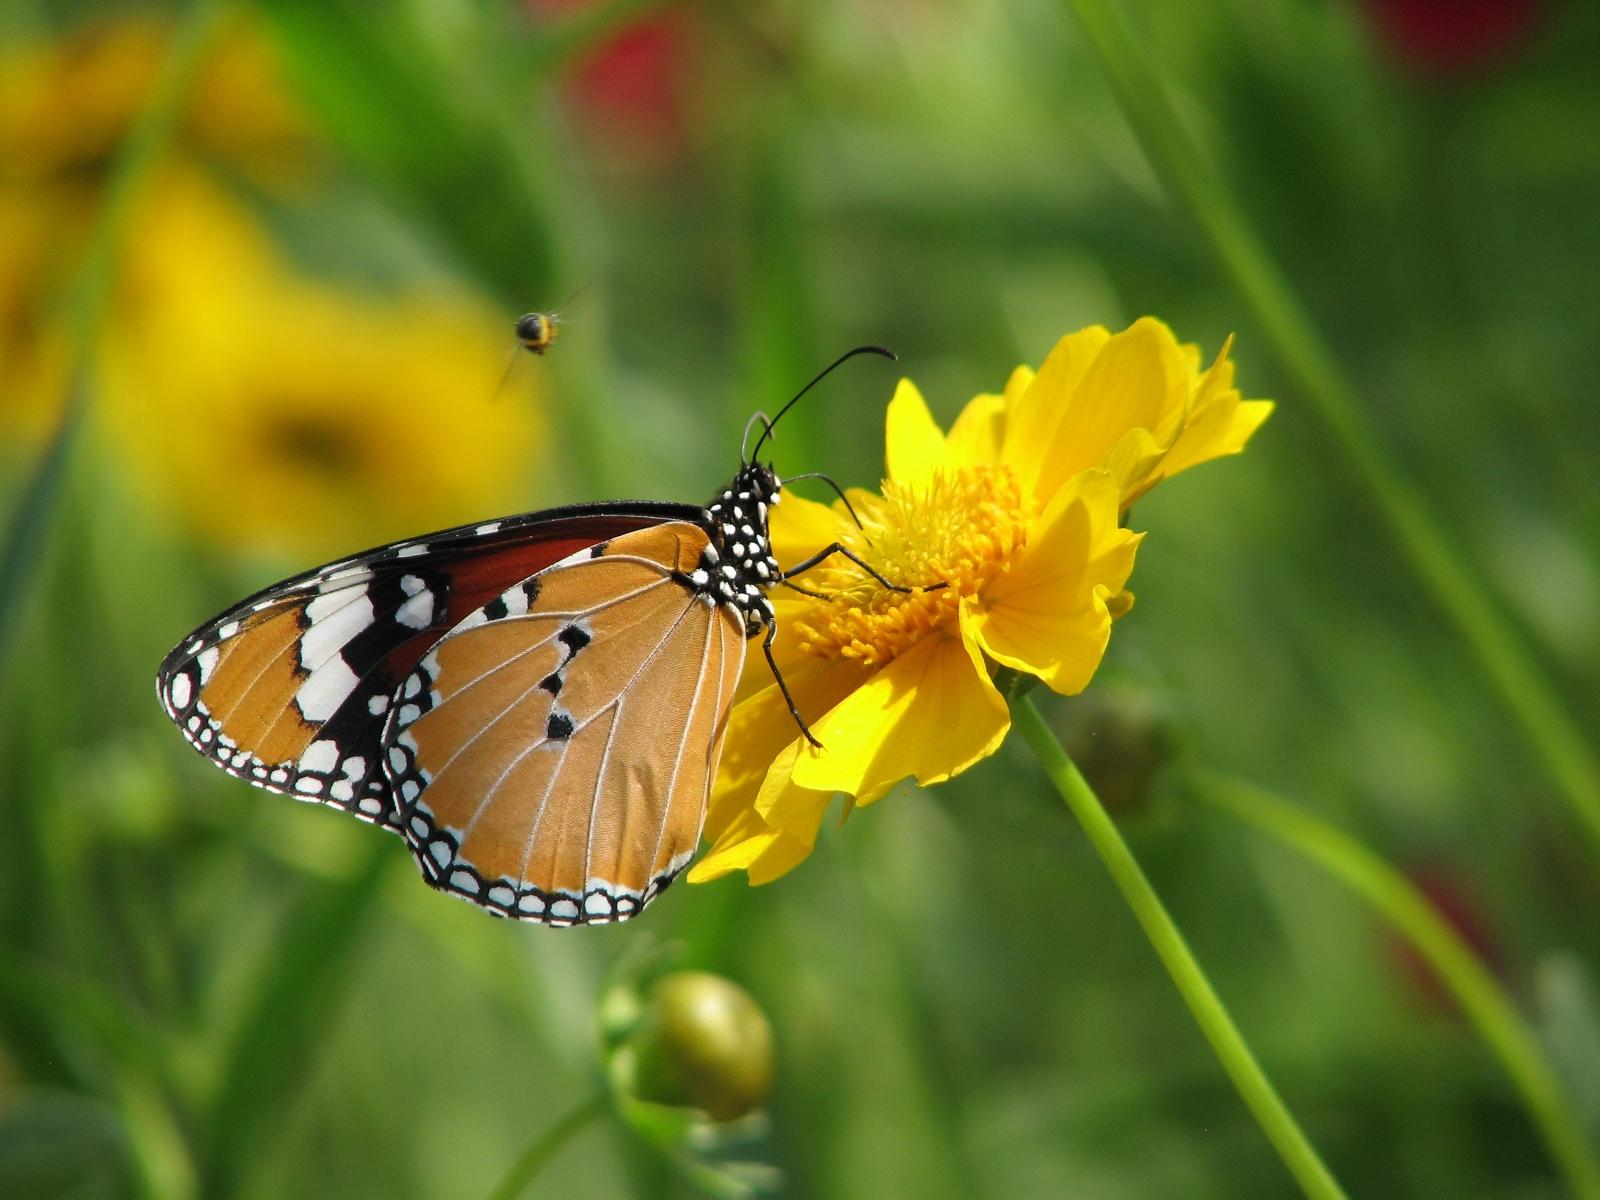 http://4.bp.blogspot.com/-w3-8P-1VUfY/UGvTY6NhpXI/AAAAAAAAT7k/kemM8LUq8Tg/s1600/HD+flowers+N+butterfly+desktop+wallpapers.+(3).jpg